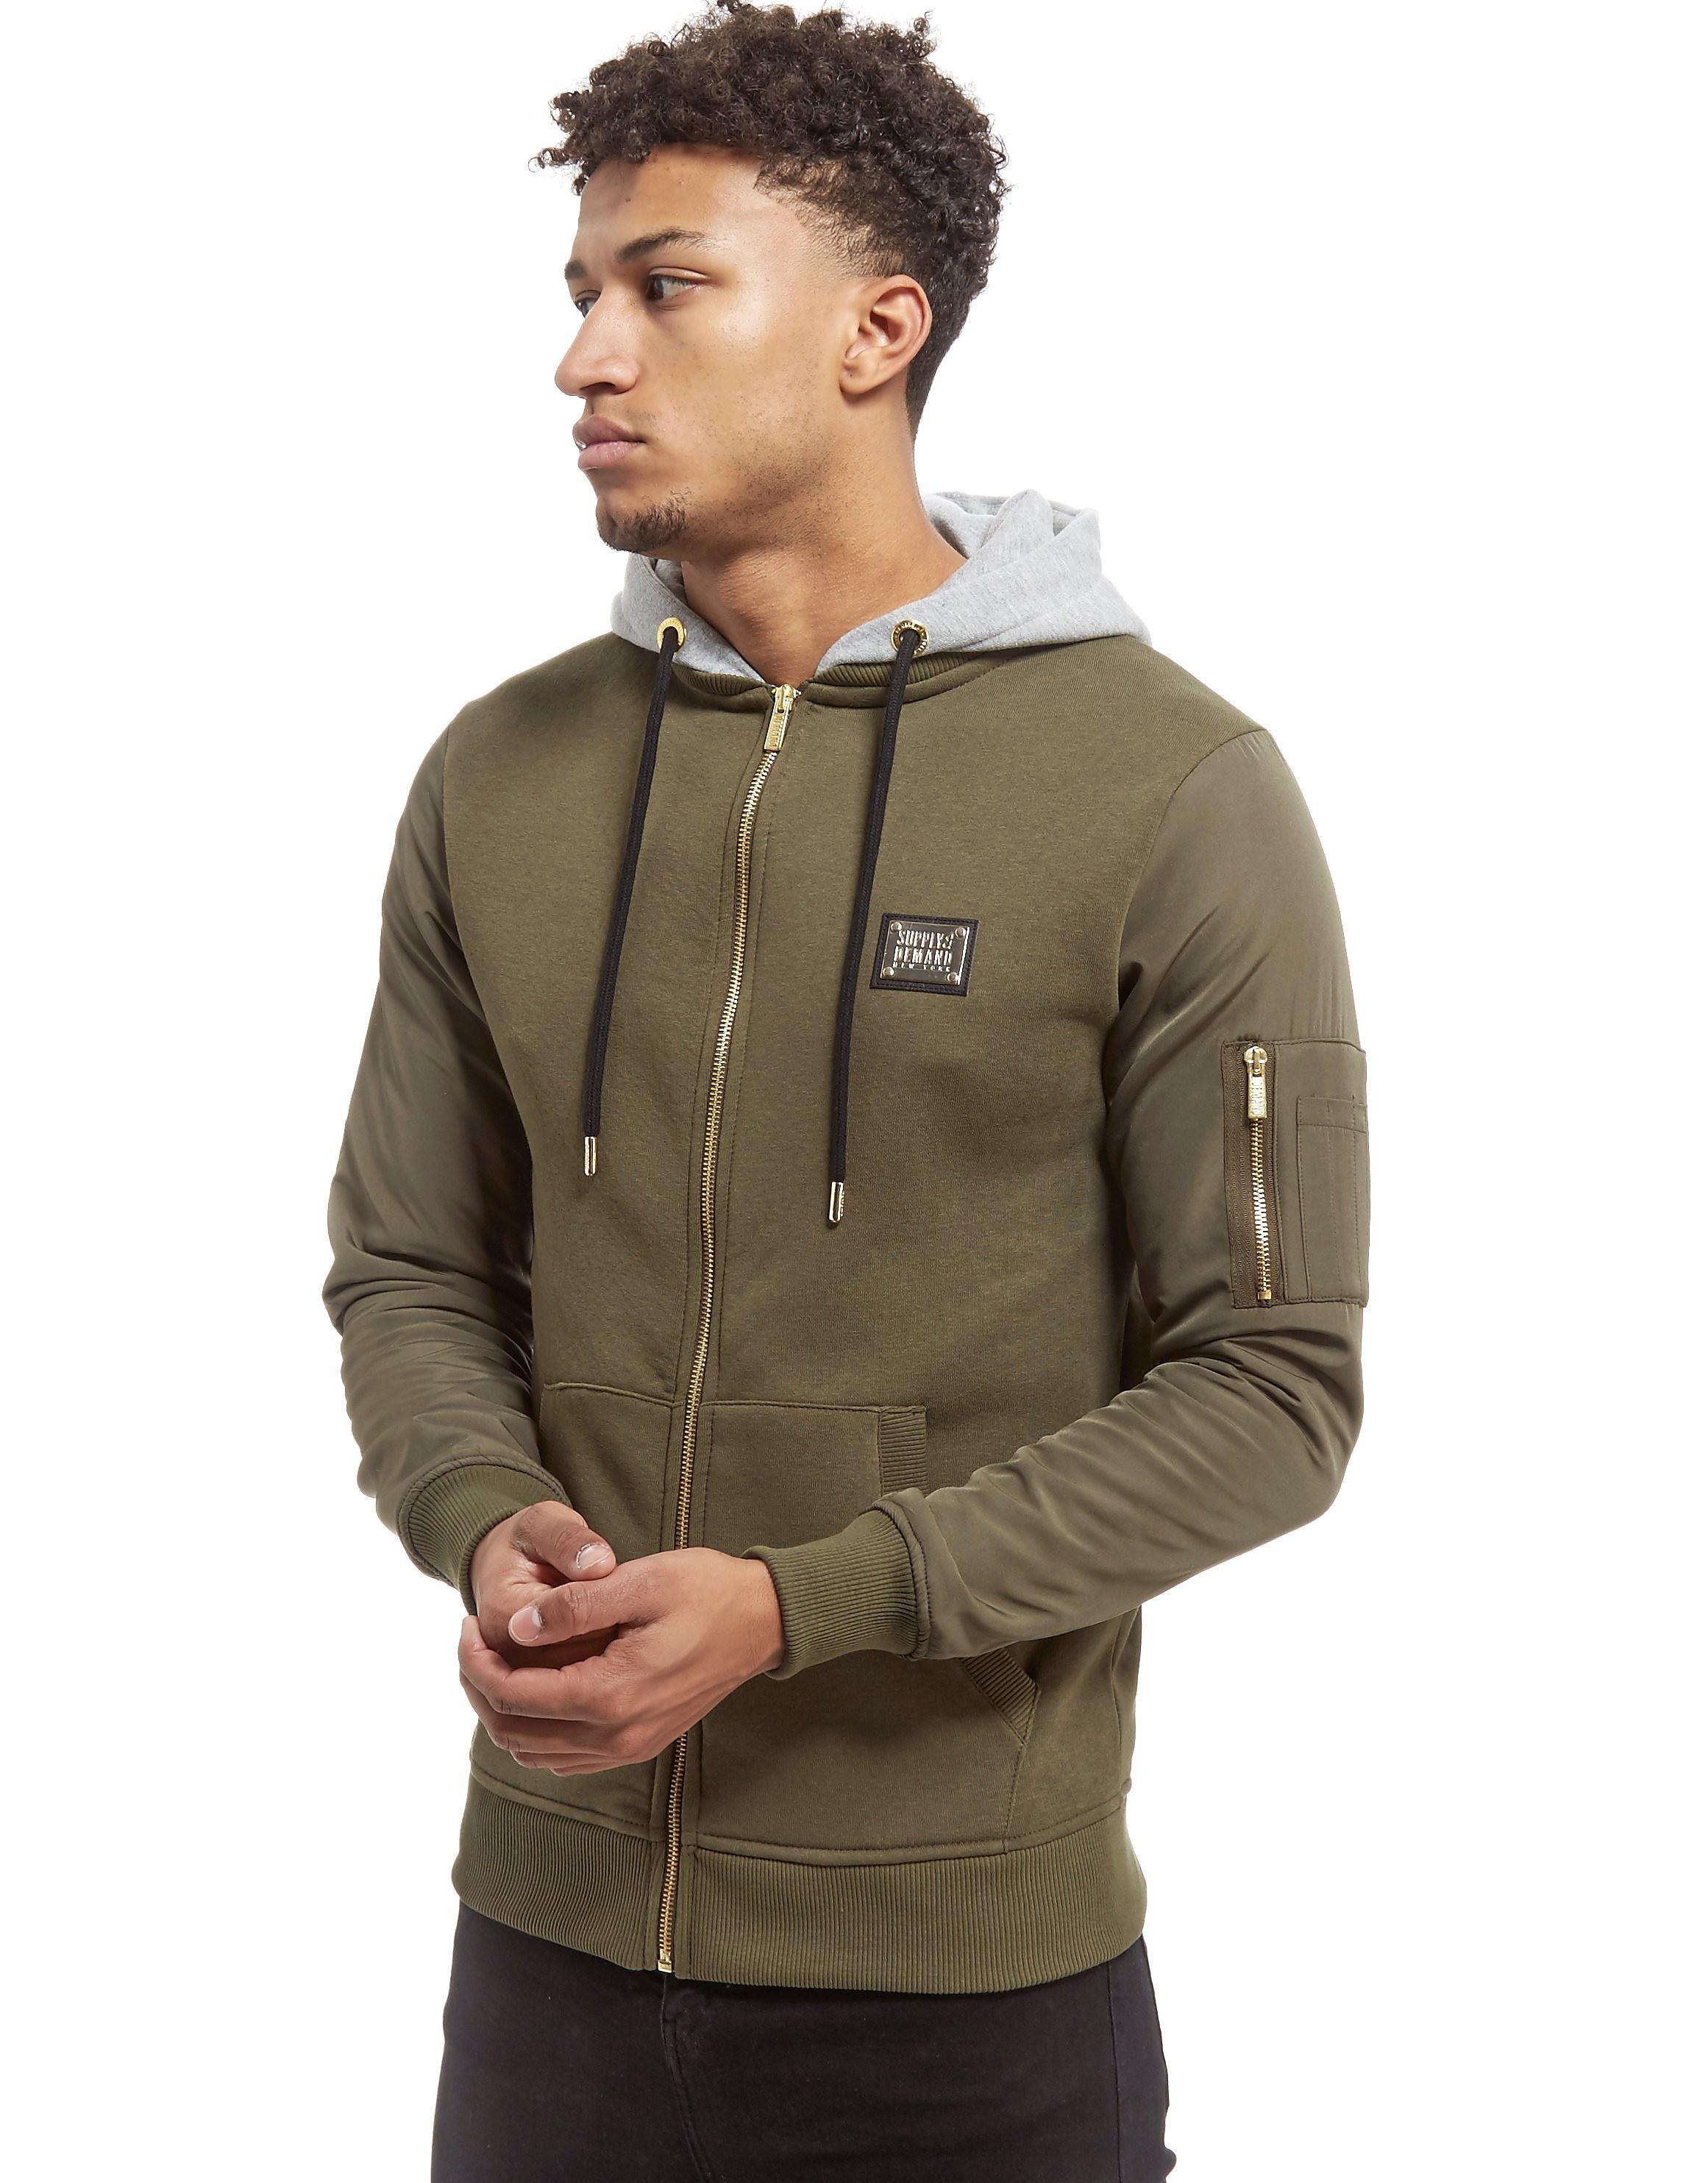 Supply & Demand chaqueta con capucha Jaxon